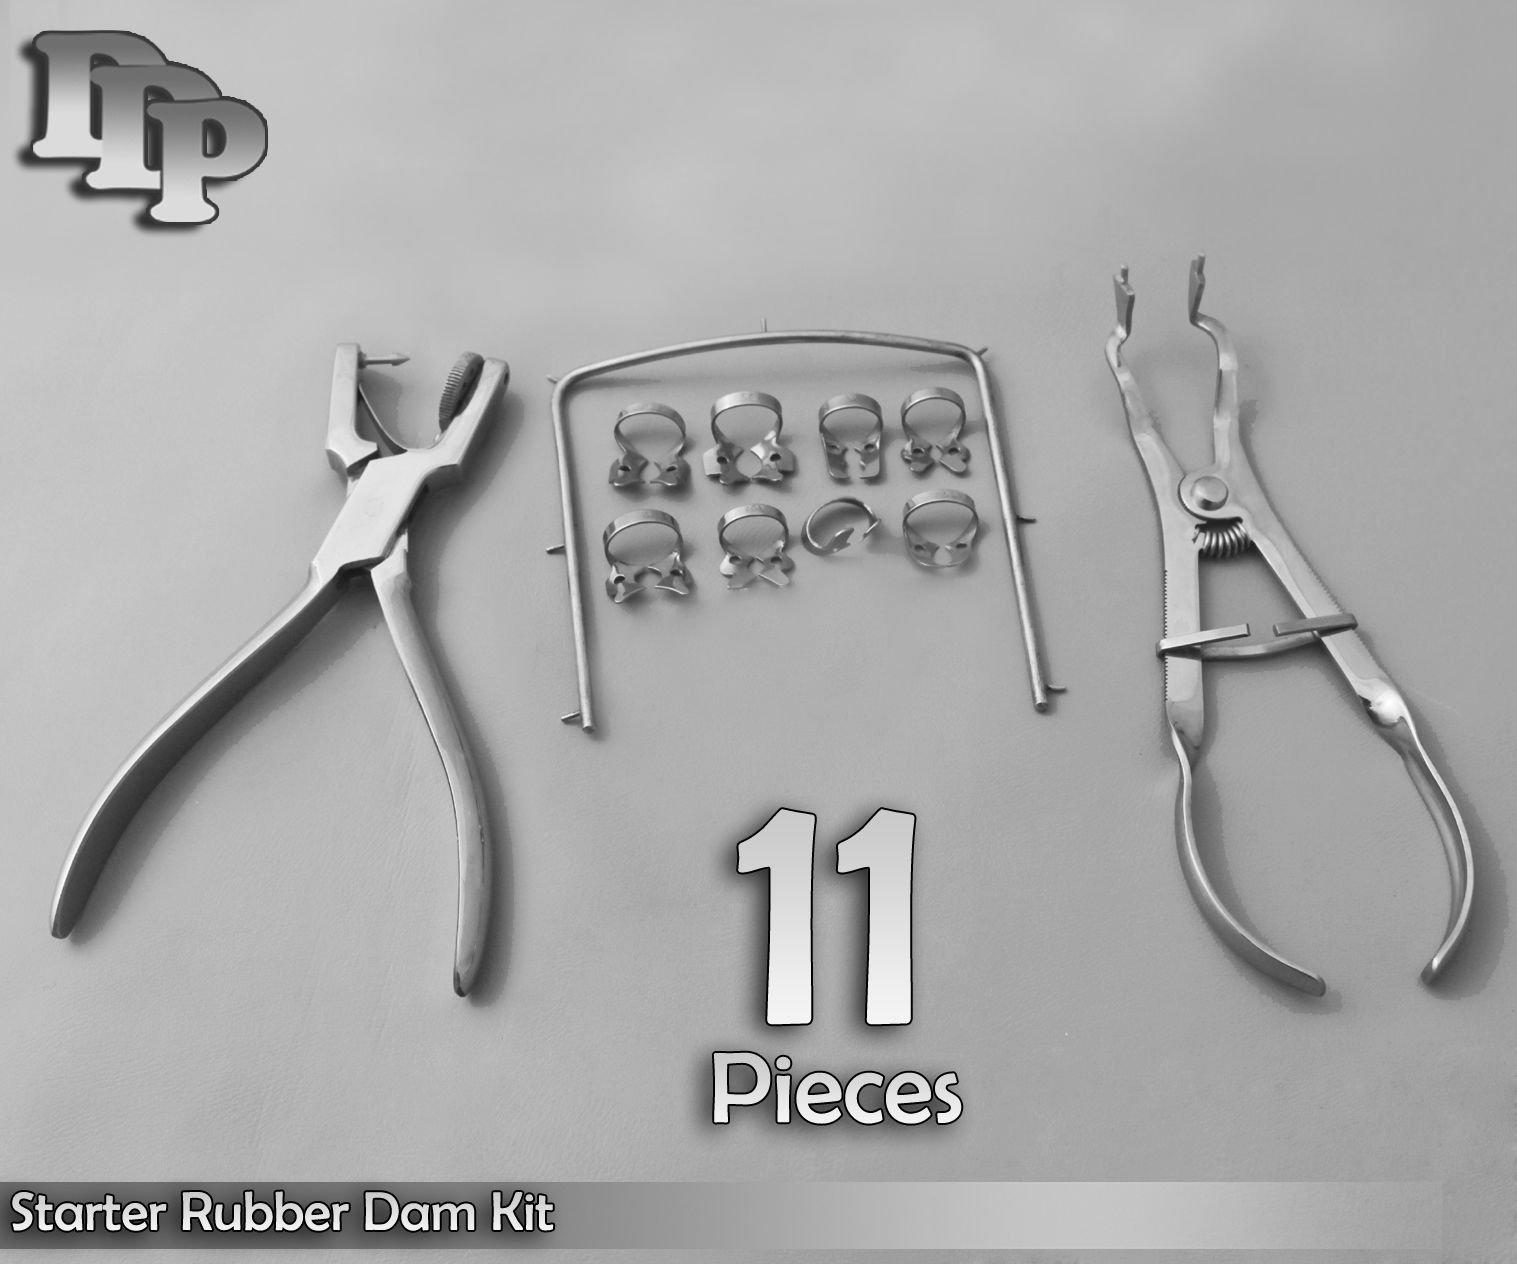 ODM 11 Pcs of Starter Rubber Dam Kit Stainless Steel